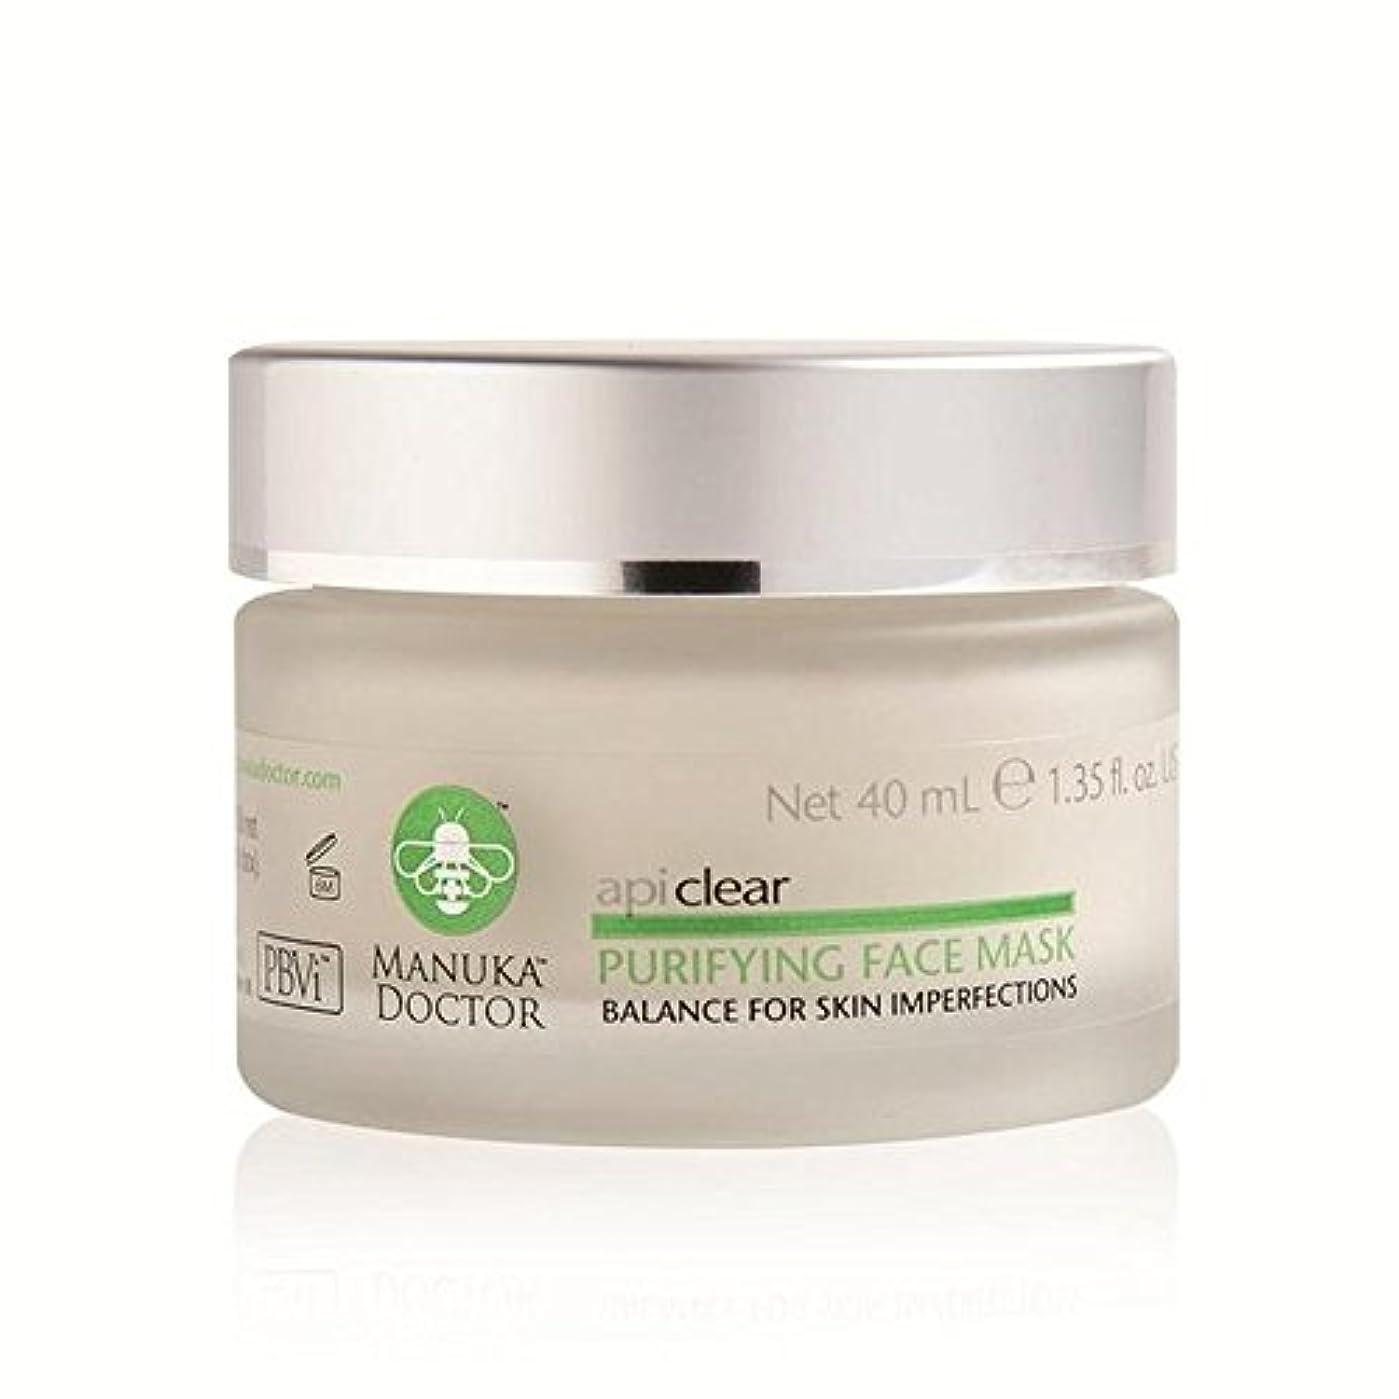 冷蔵する冒険財政Manuka Doctor Api Clear Purifying Face Mask 40ml (Pack of 6) - マヌカドクター明確な浄化フェイスマスク40ミリリットル x6 [並行輸入品]